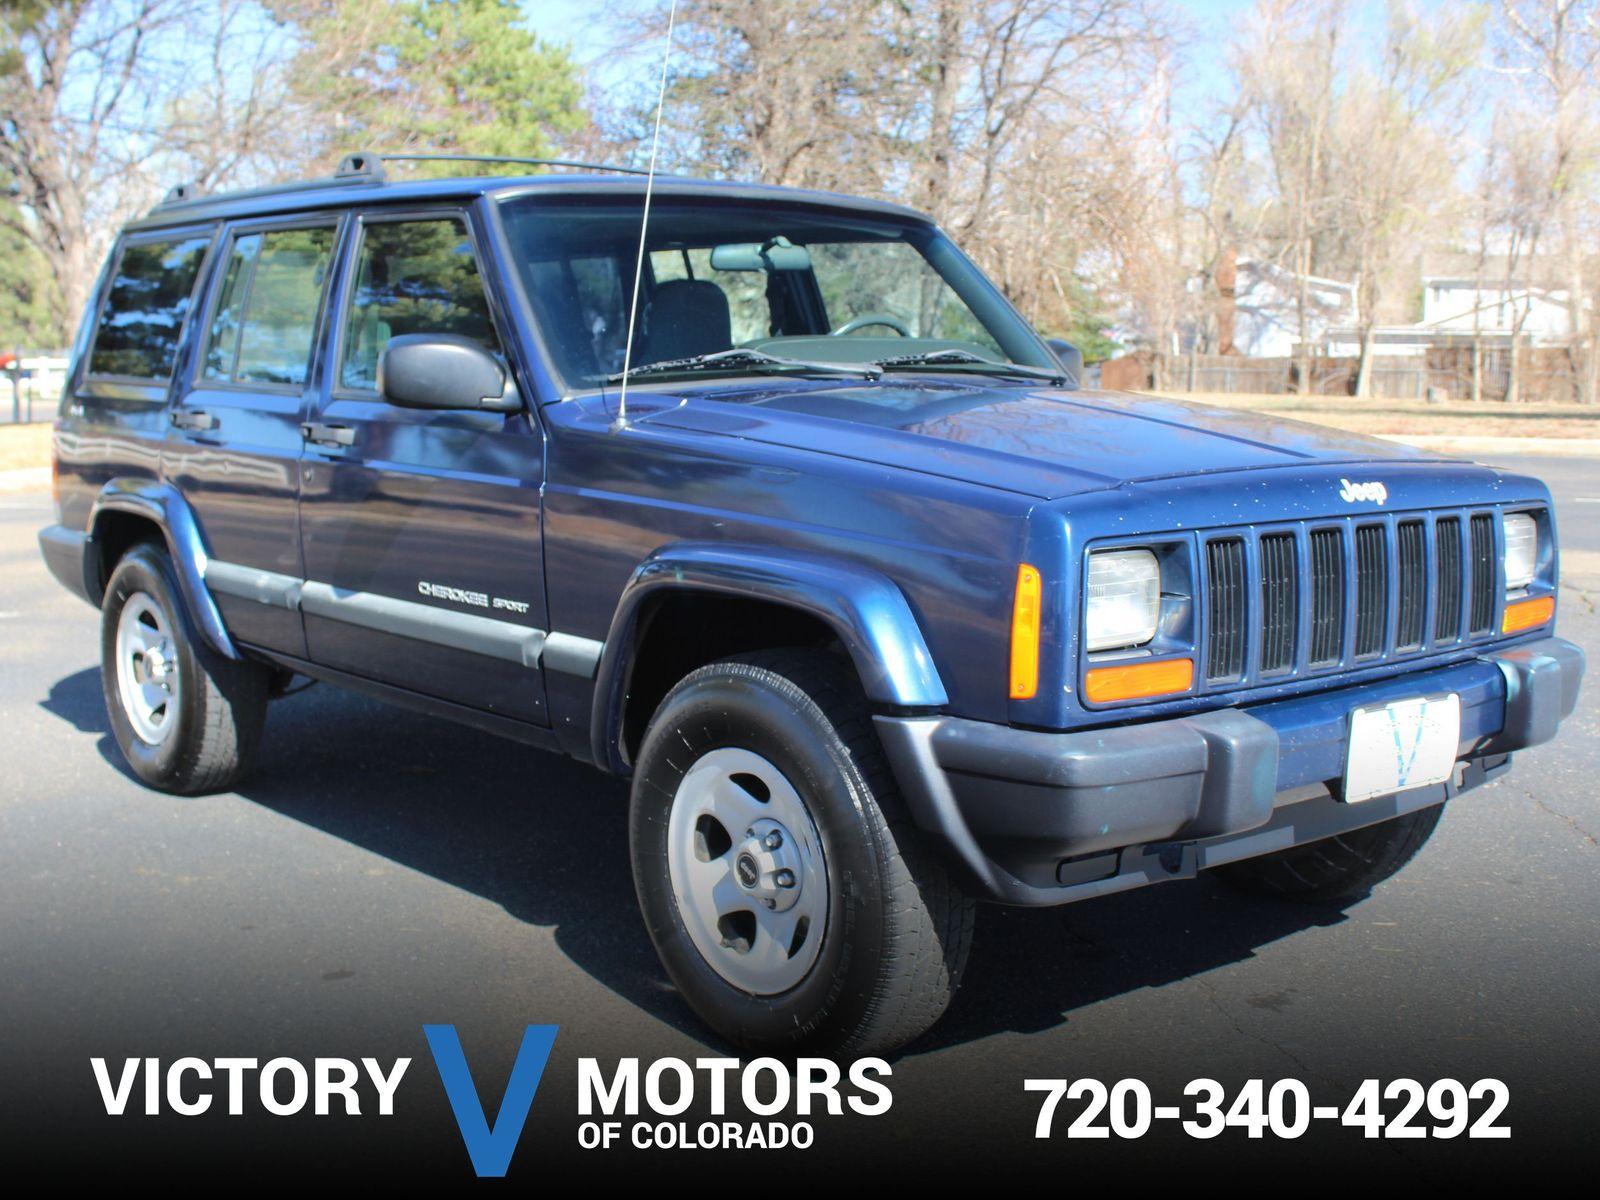 2001 Jeep Cherokee Sport Victory Motors Of Colorado Xj Cargo Dimentions